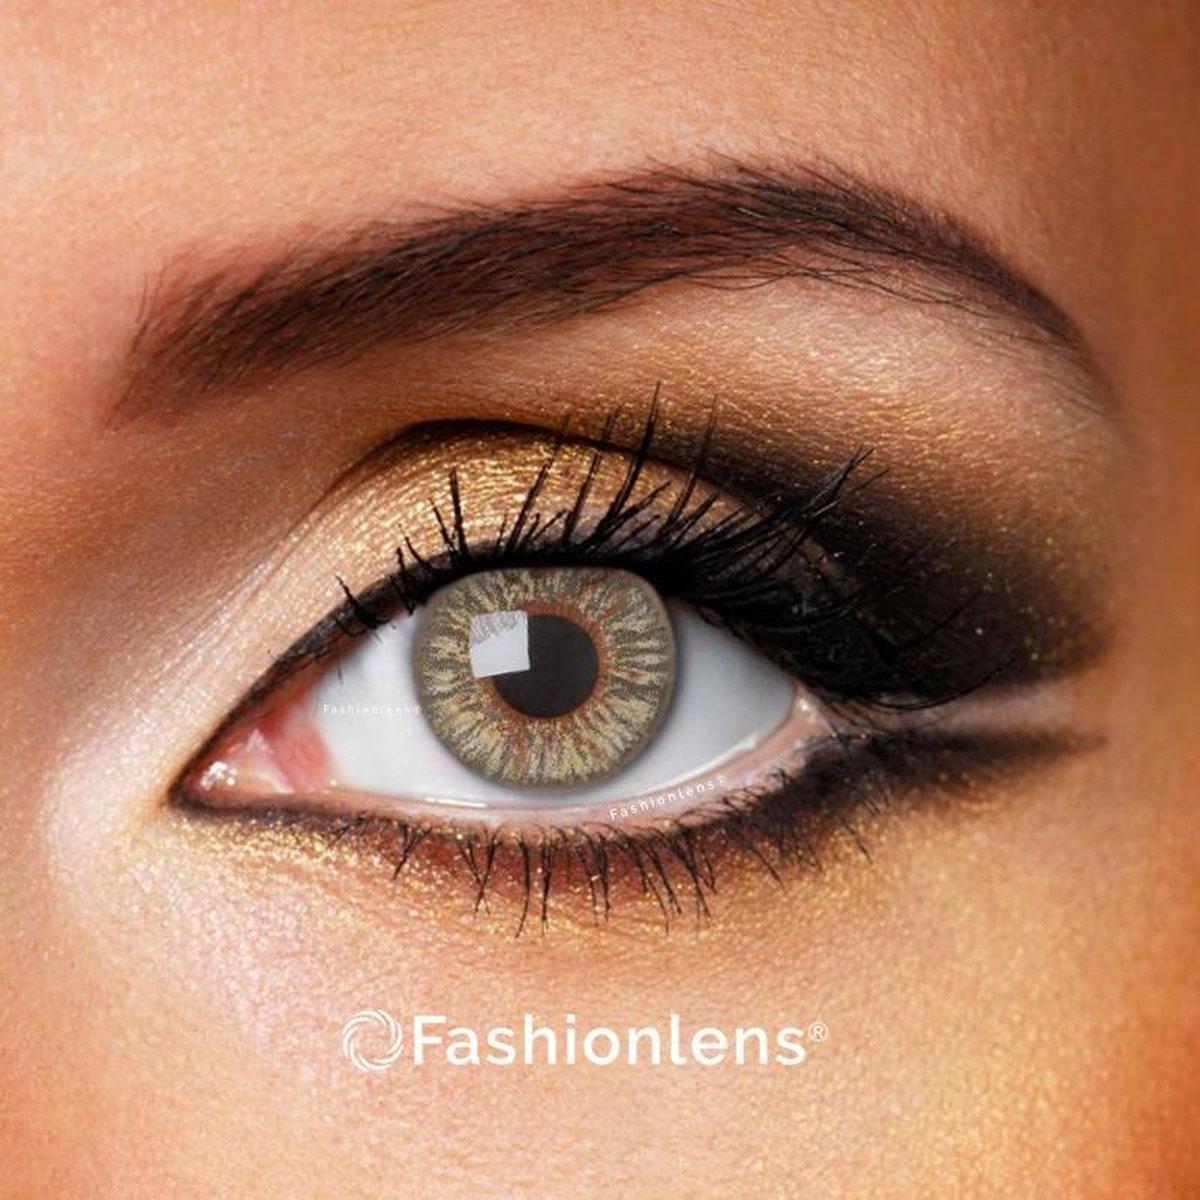 Kleurlenzen - Grey Passion - jaarlenzen met lenshouder - grijze contactlenzen Fashionlens